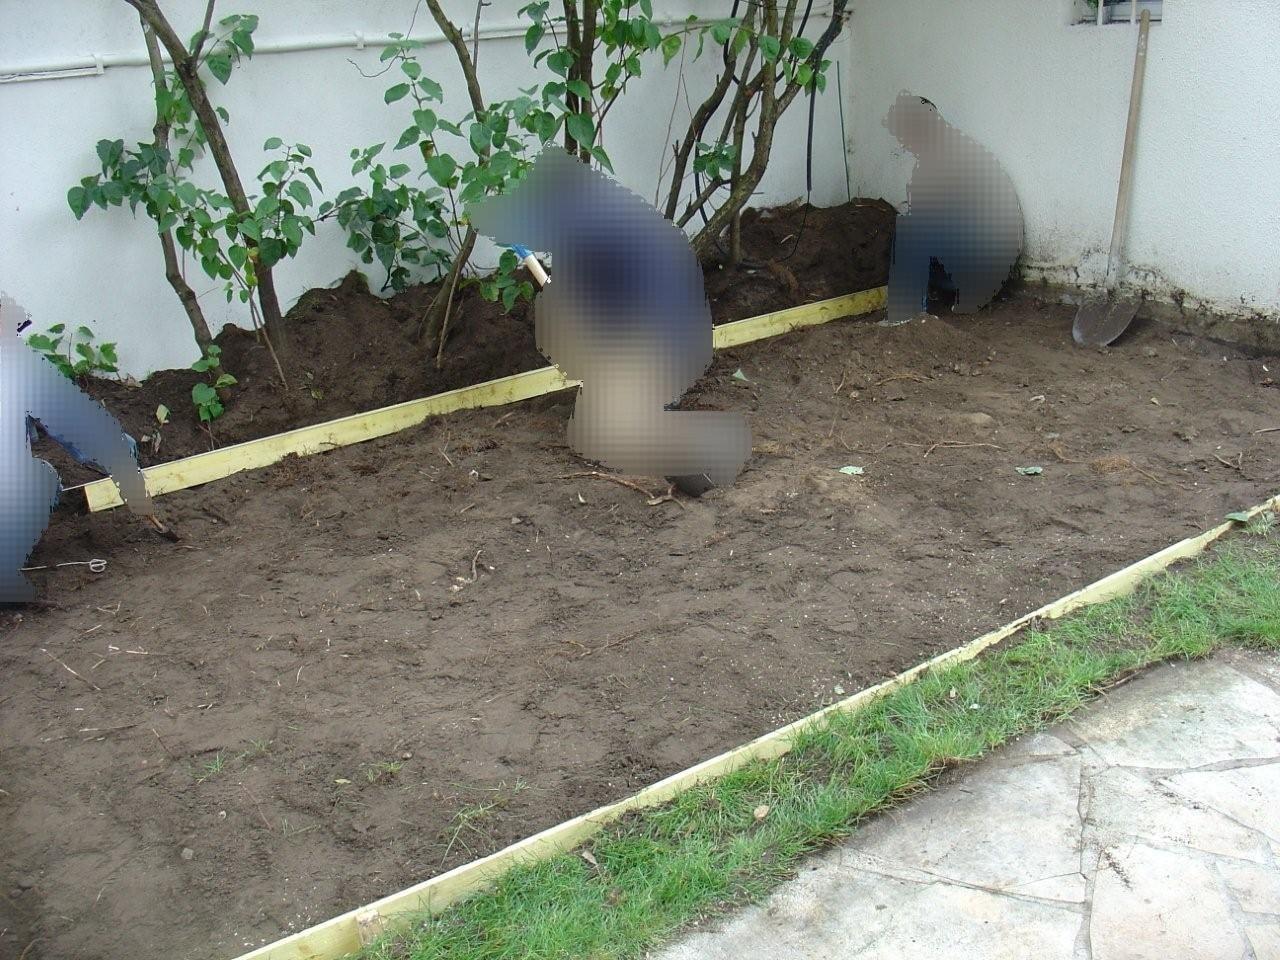 travaux-amenagement-jardin-2-decaissement-graviers-ferraillage -coulage-d'une-dalle-en-beton-texas-batiment-rge-min